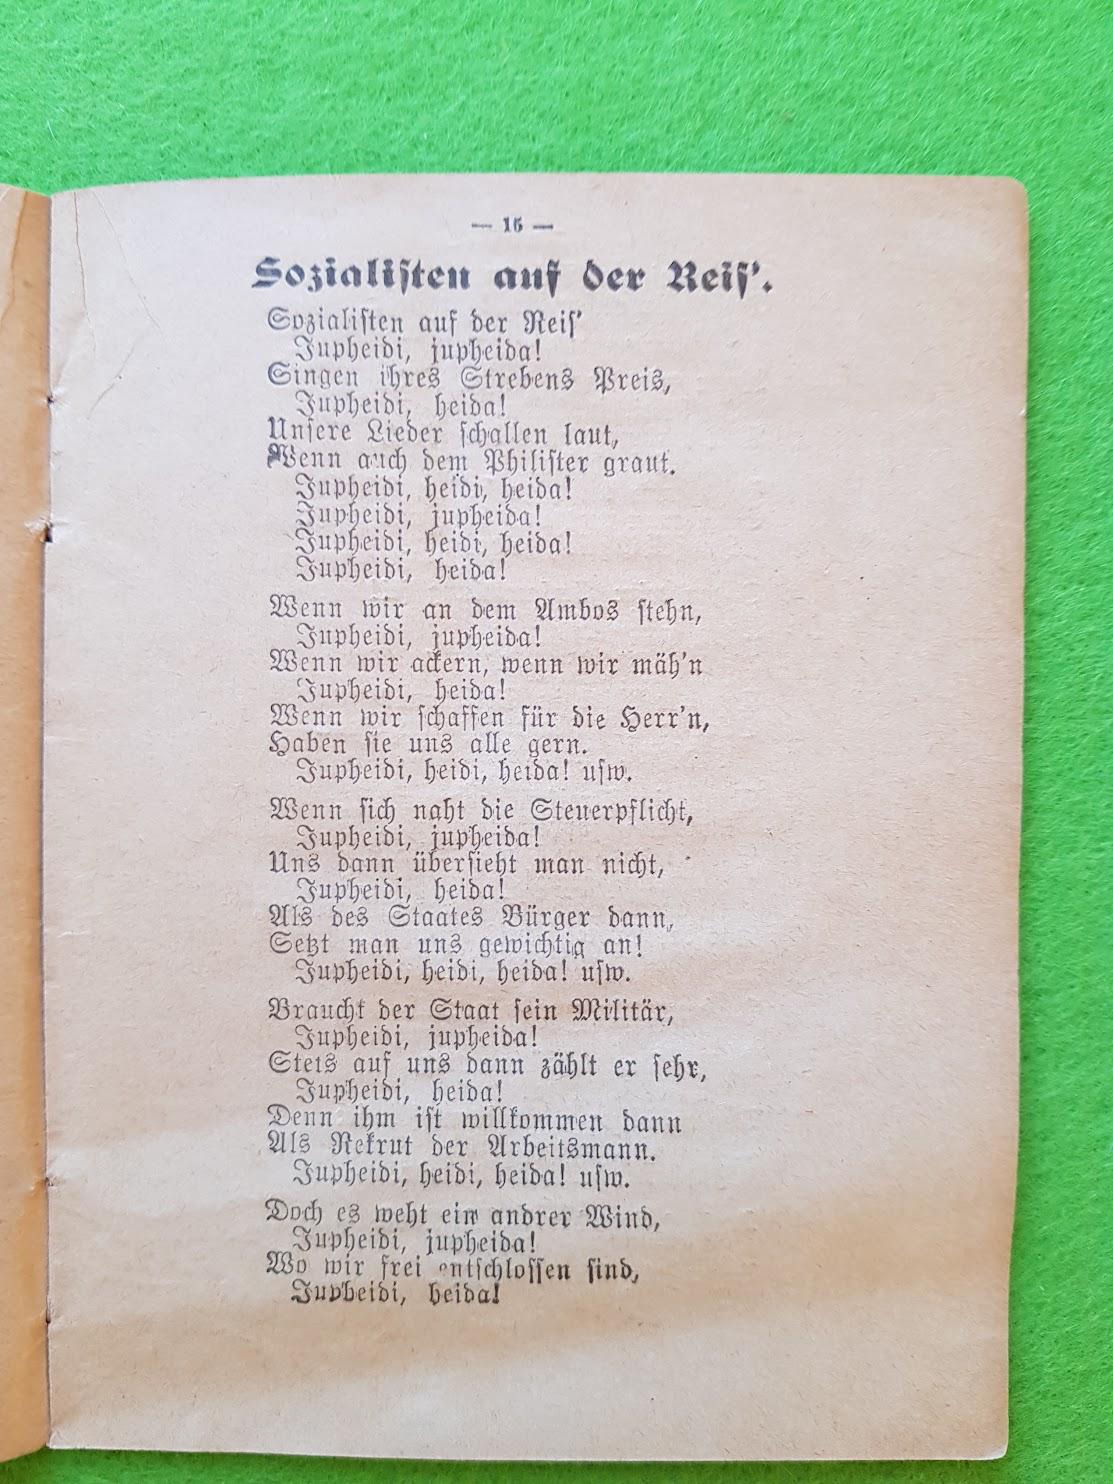 Arbeiter Liederbuch für Massengesang, 1910 - Sozialisten auf der Reis'